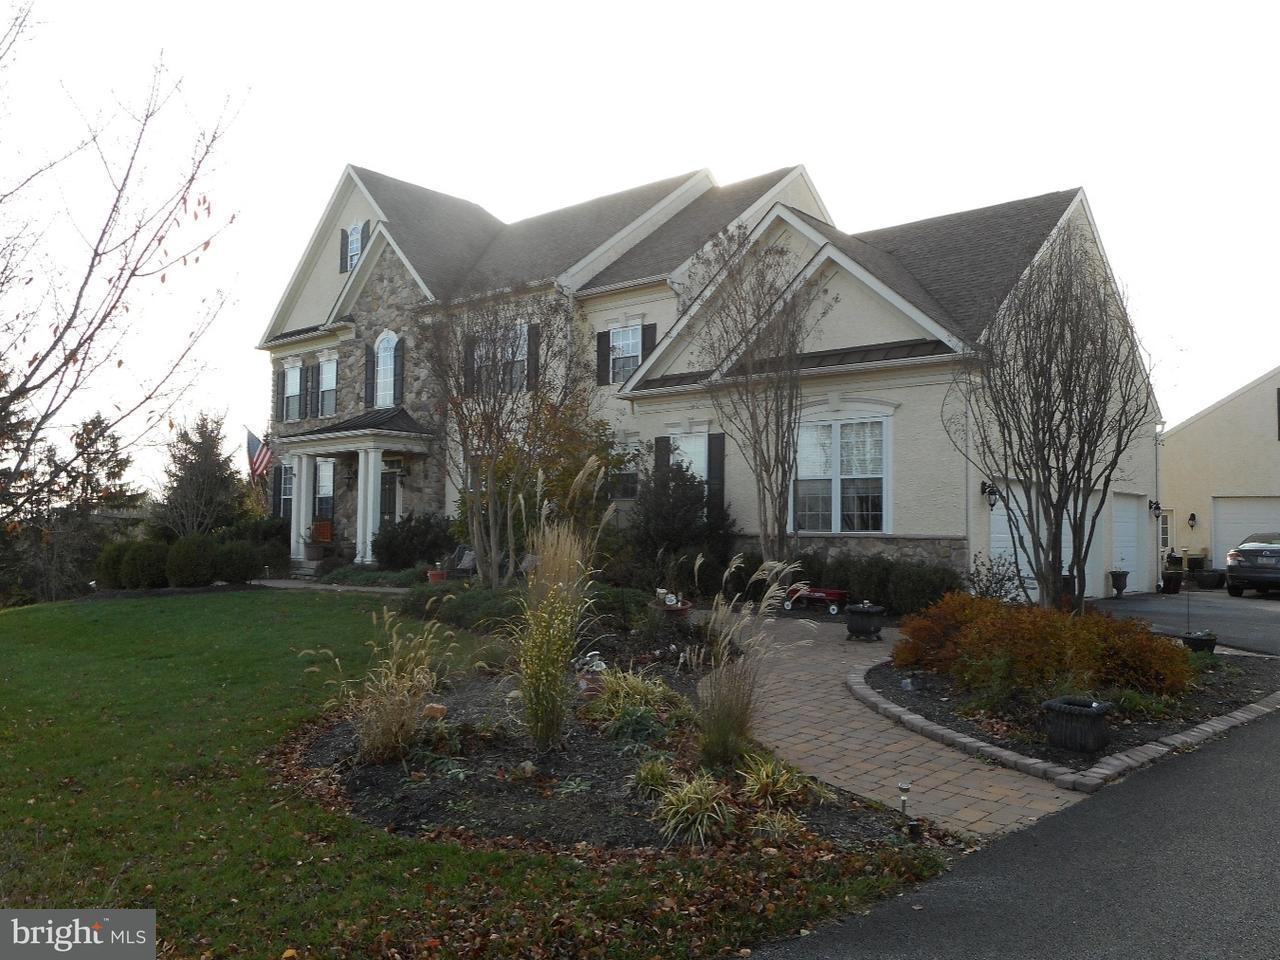 Частный односемейный дом для того Аренда на 44 MENDENHALL Drive Coatesville, Пенсильвания 19320 Соединенные Штаты